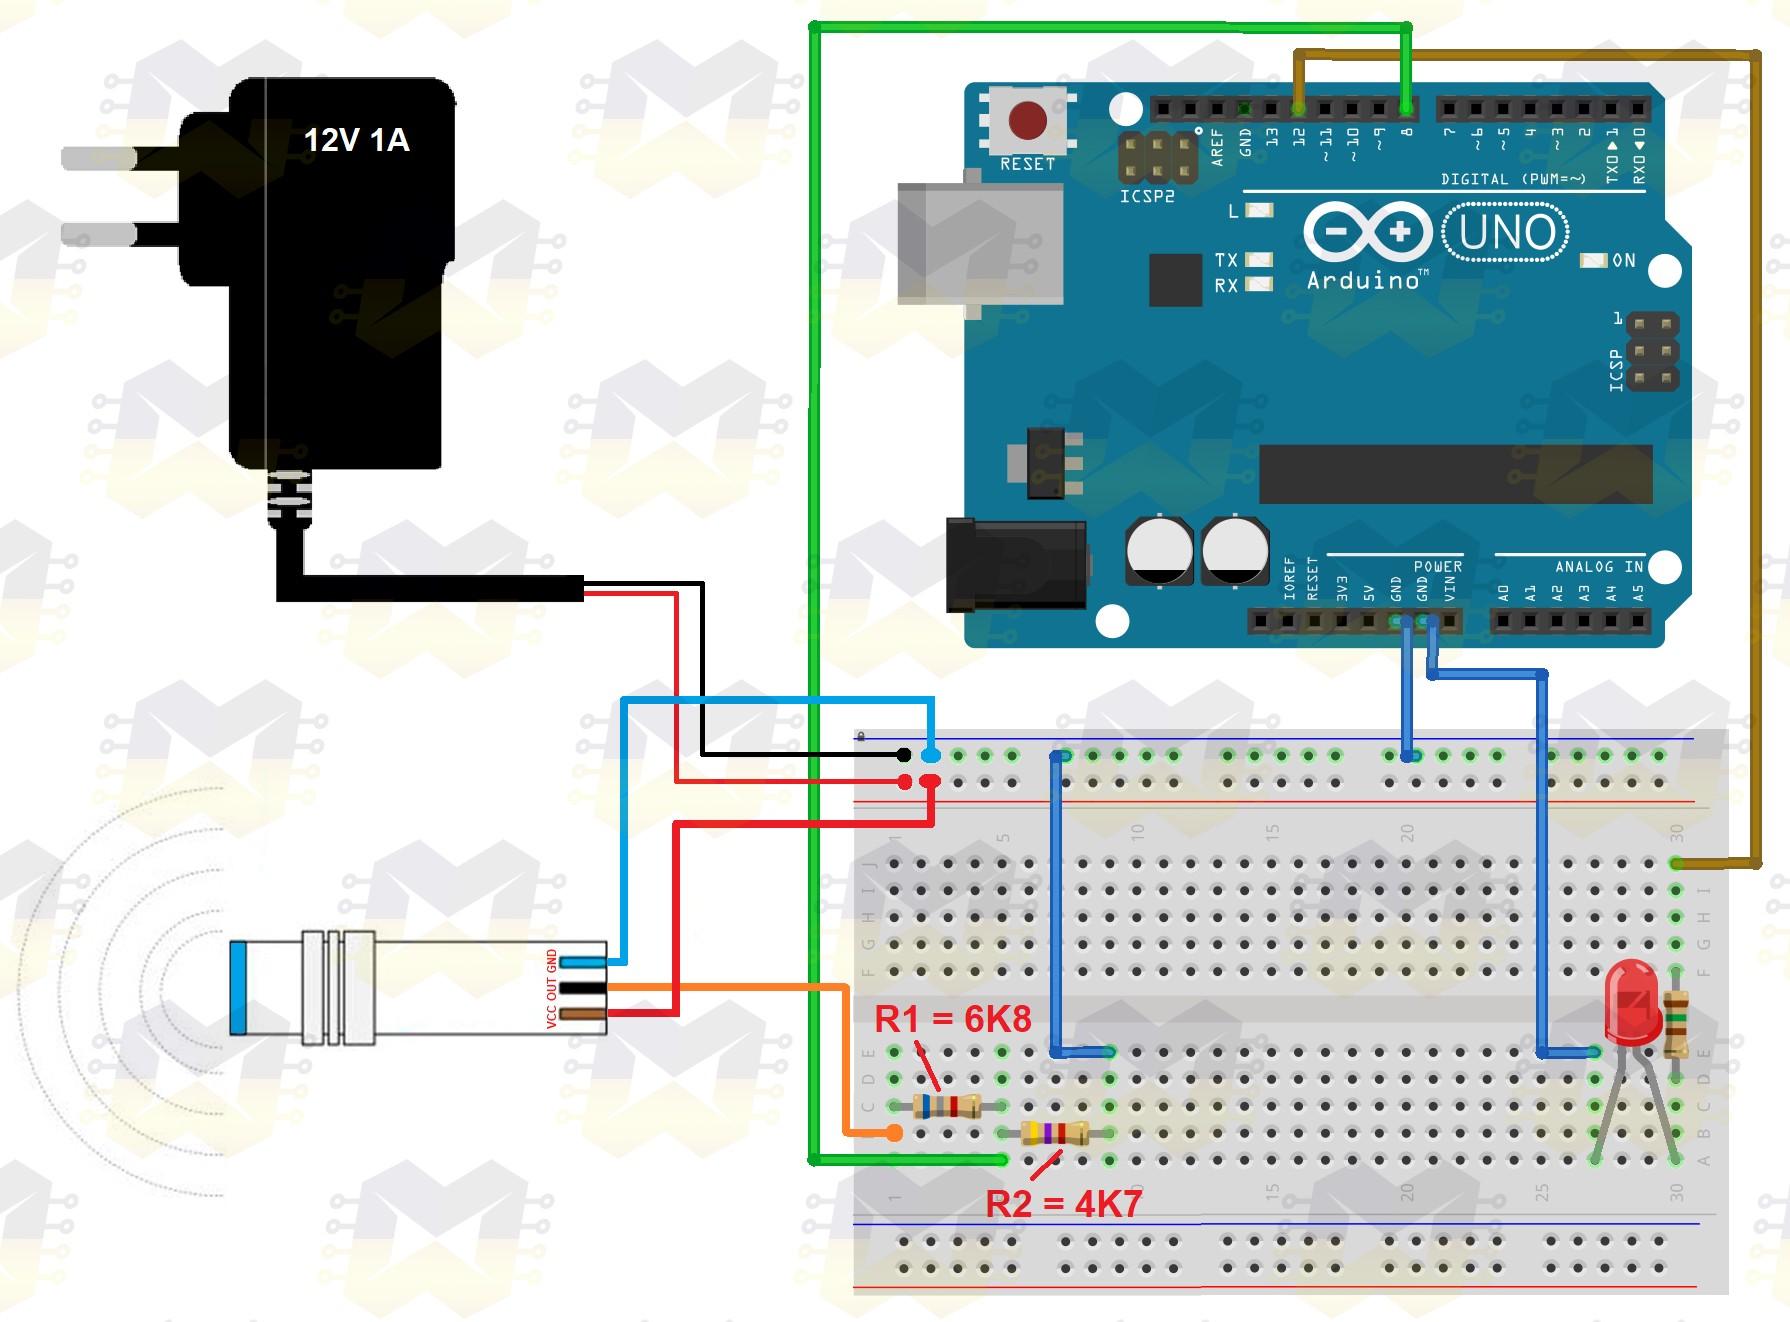 img01_como_usar_com_arduino_sensor_capacitivo_pnp_de_proximidade_ljc18a3_h_z_by_cnc_3d